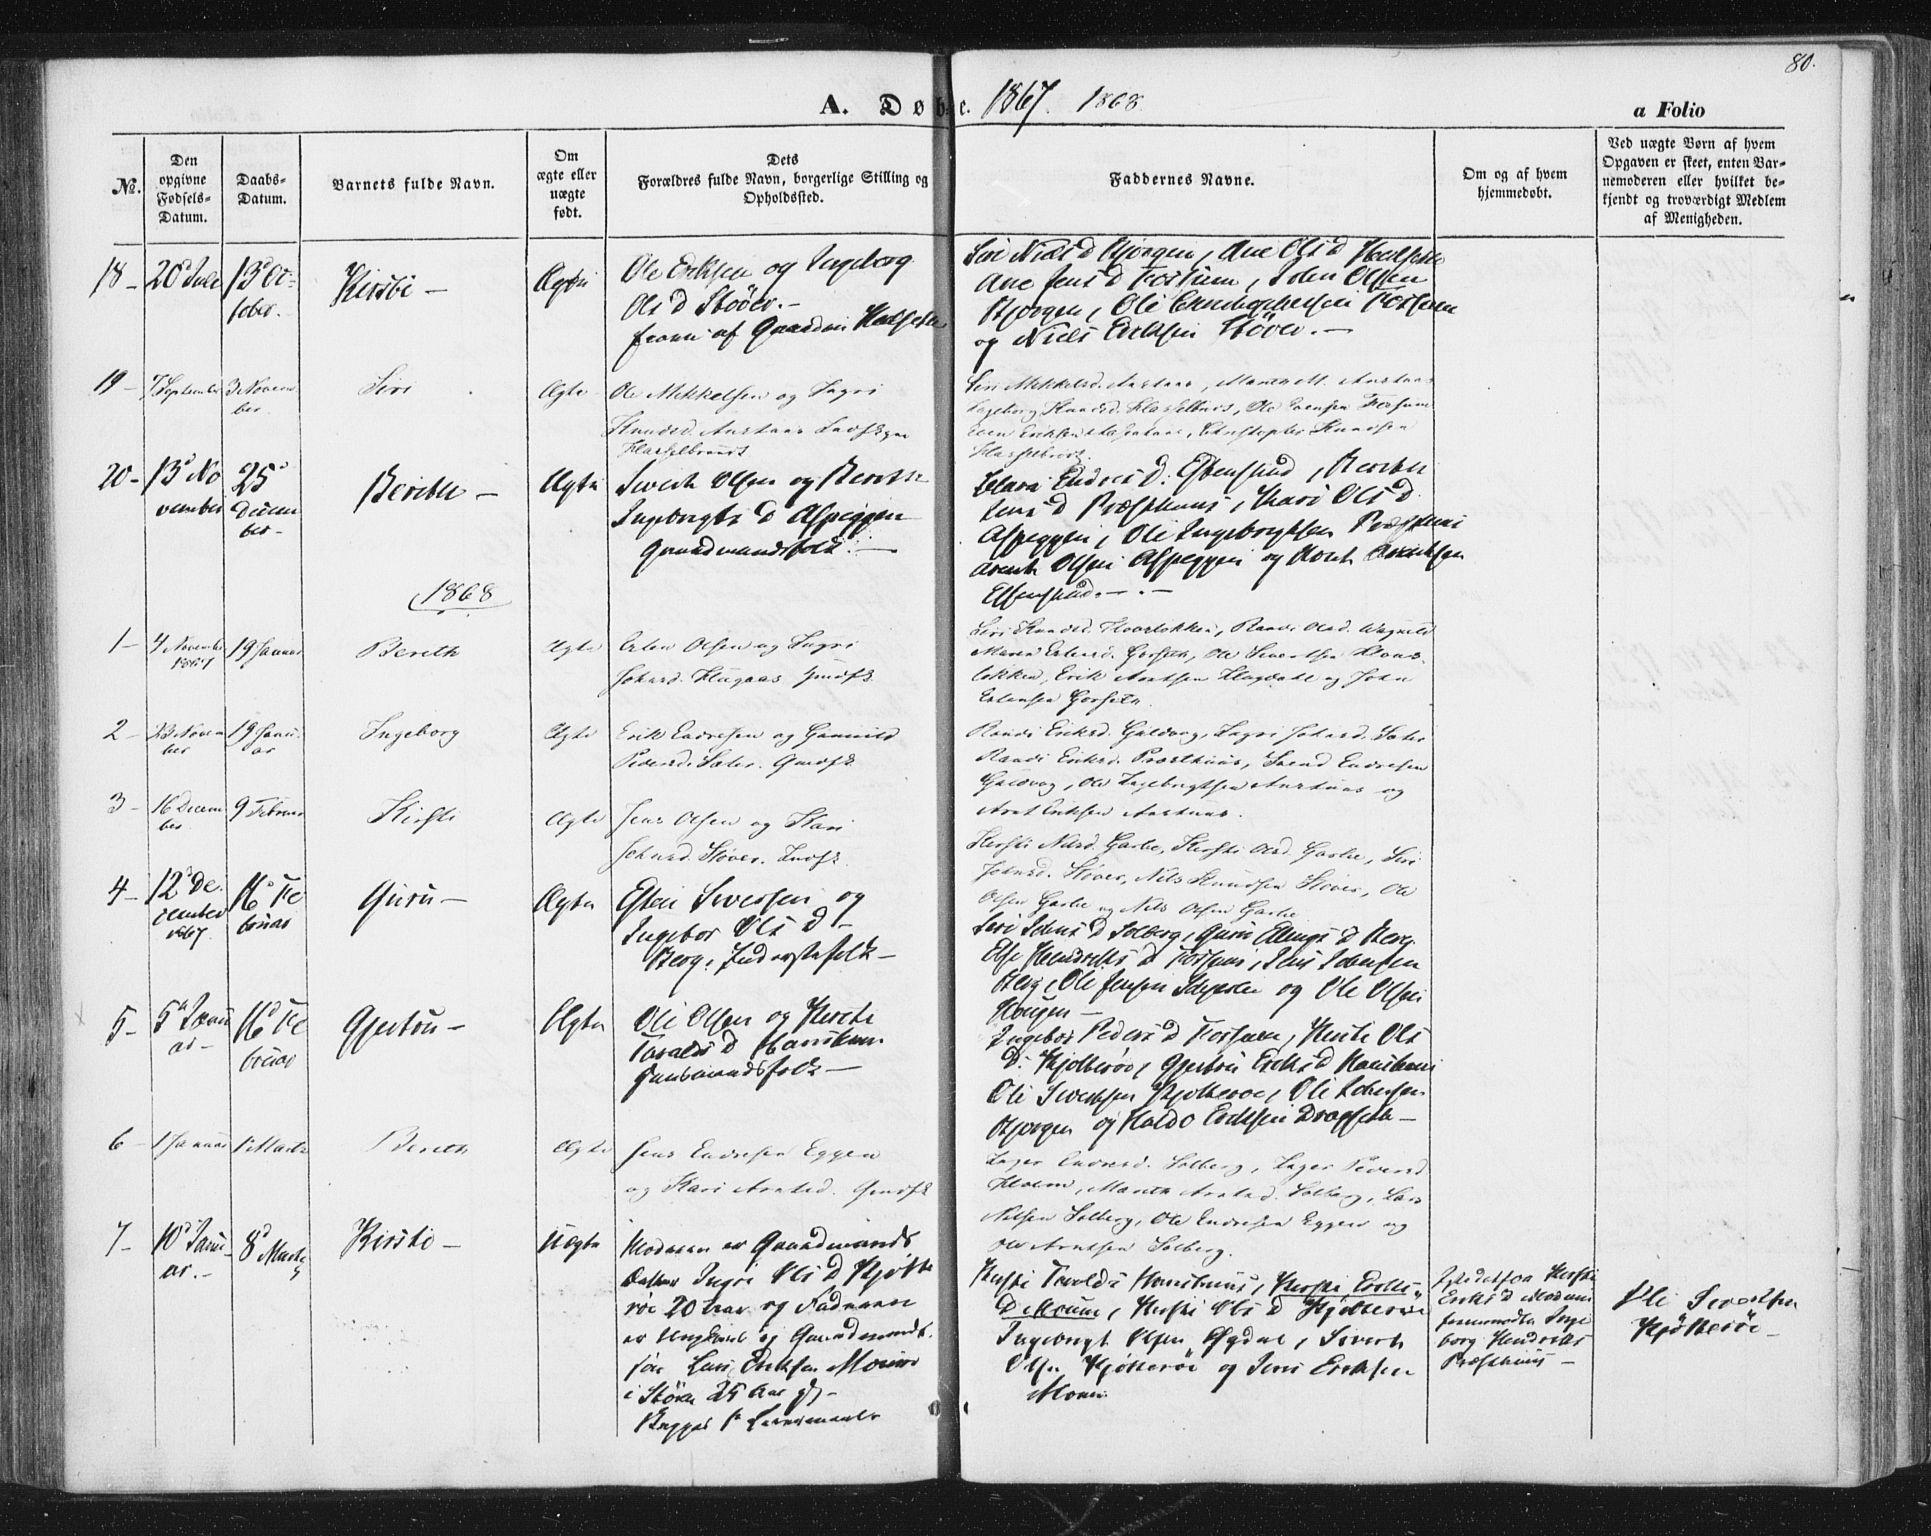 SAT, Ministerialprotokoller, klokkerbøker og fødselsregistre - Sør-Trøndelag, 689/L1038: Ministerialbok nr. 689A03, 1848-1872, s. 80